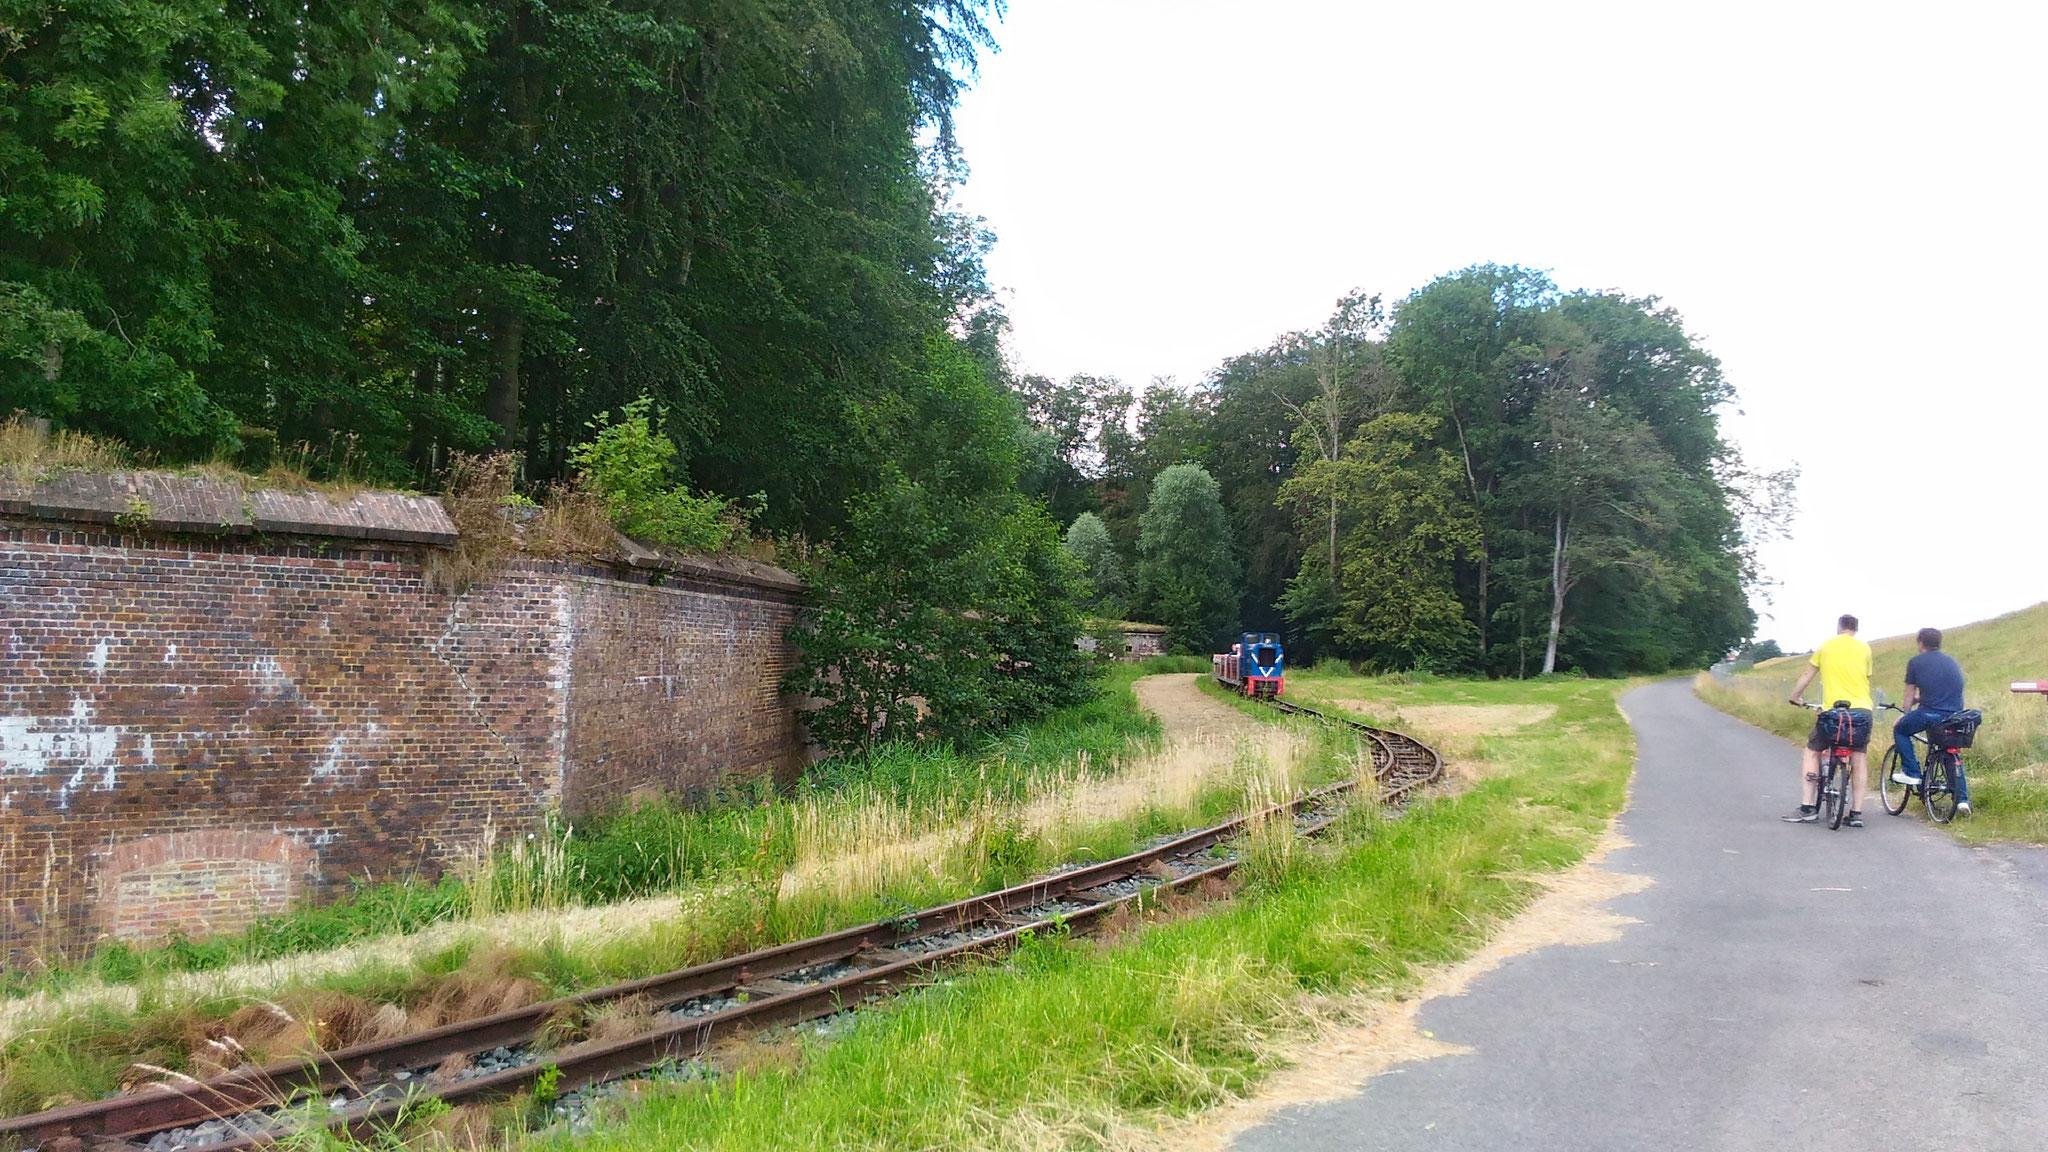 Festung Grauerort bānītis